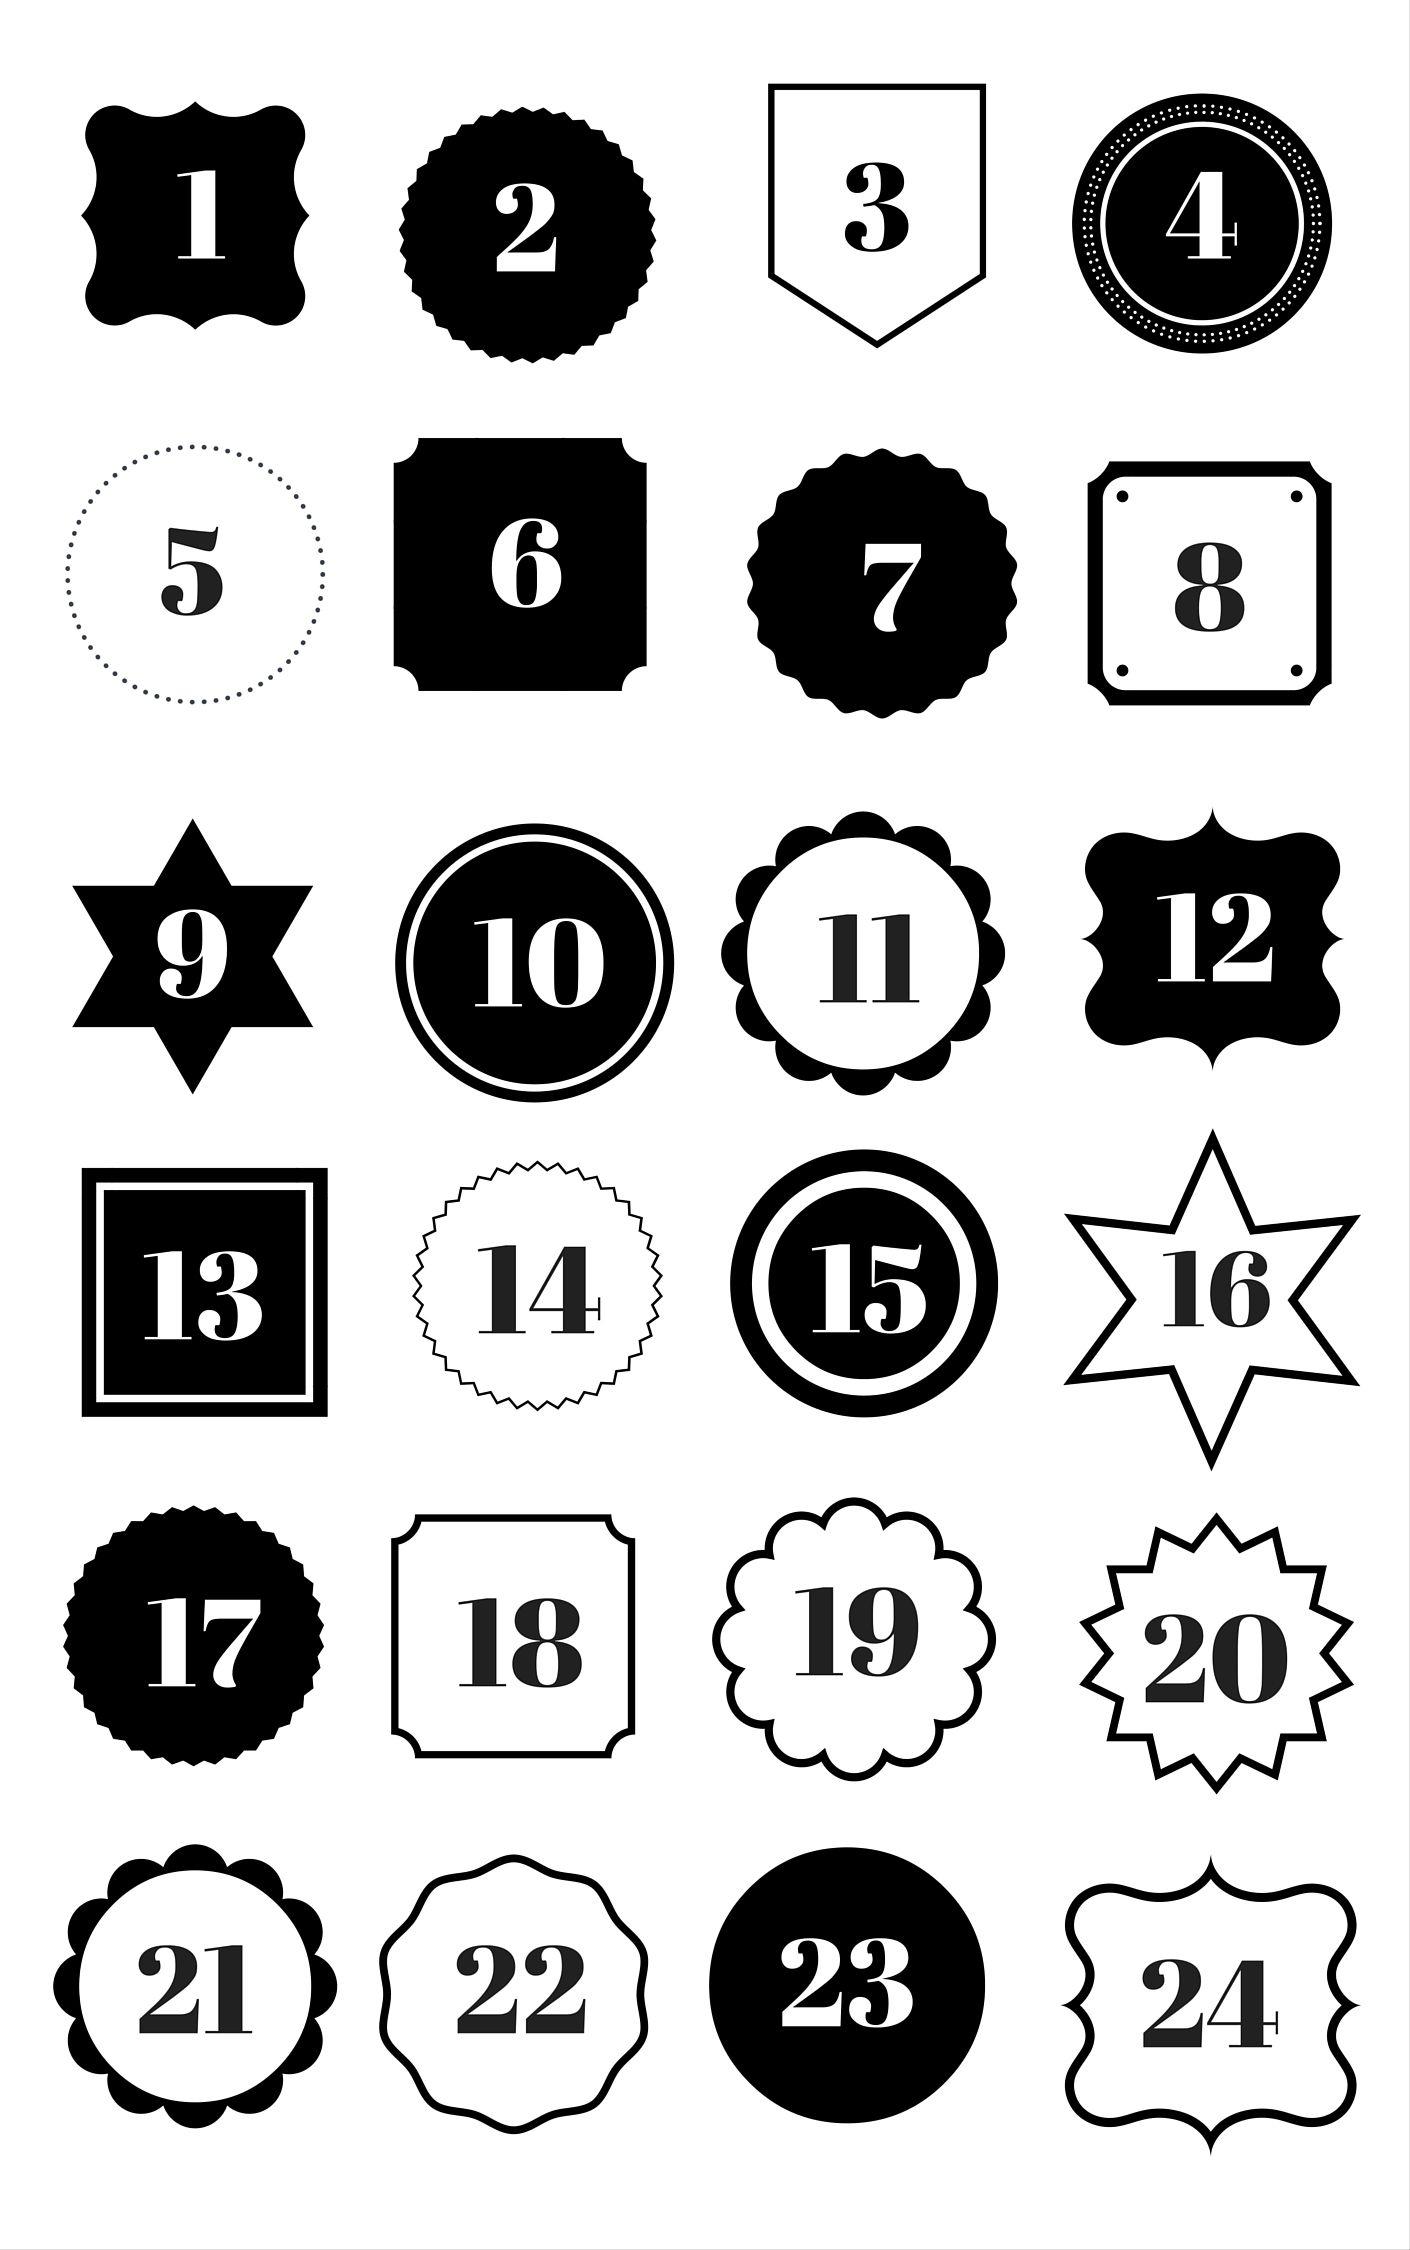 Adventskalender Zahlen zum Ausdrucken | Advent calander, Xmas and ...